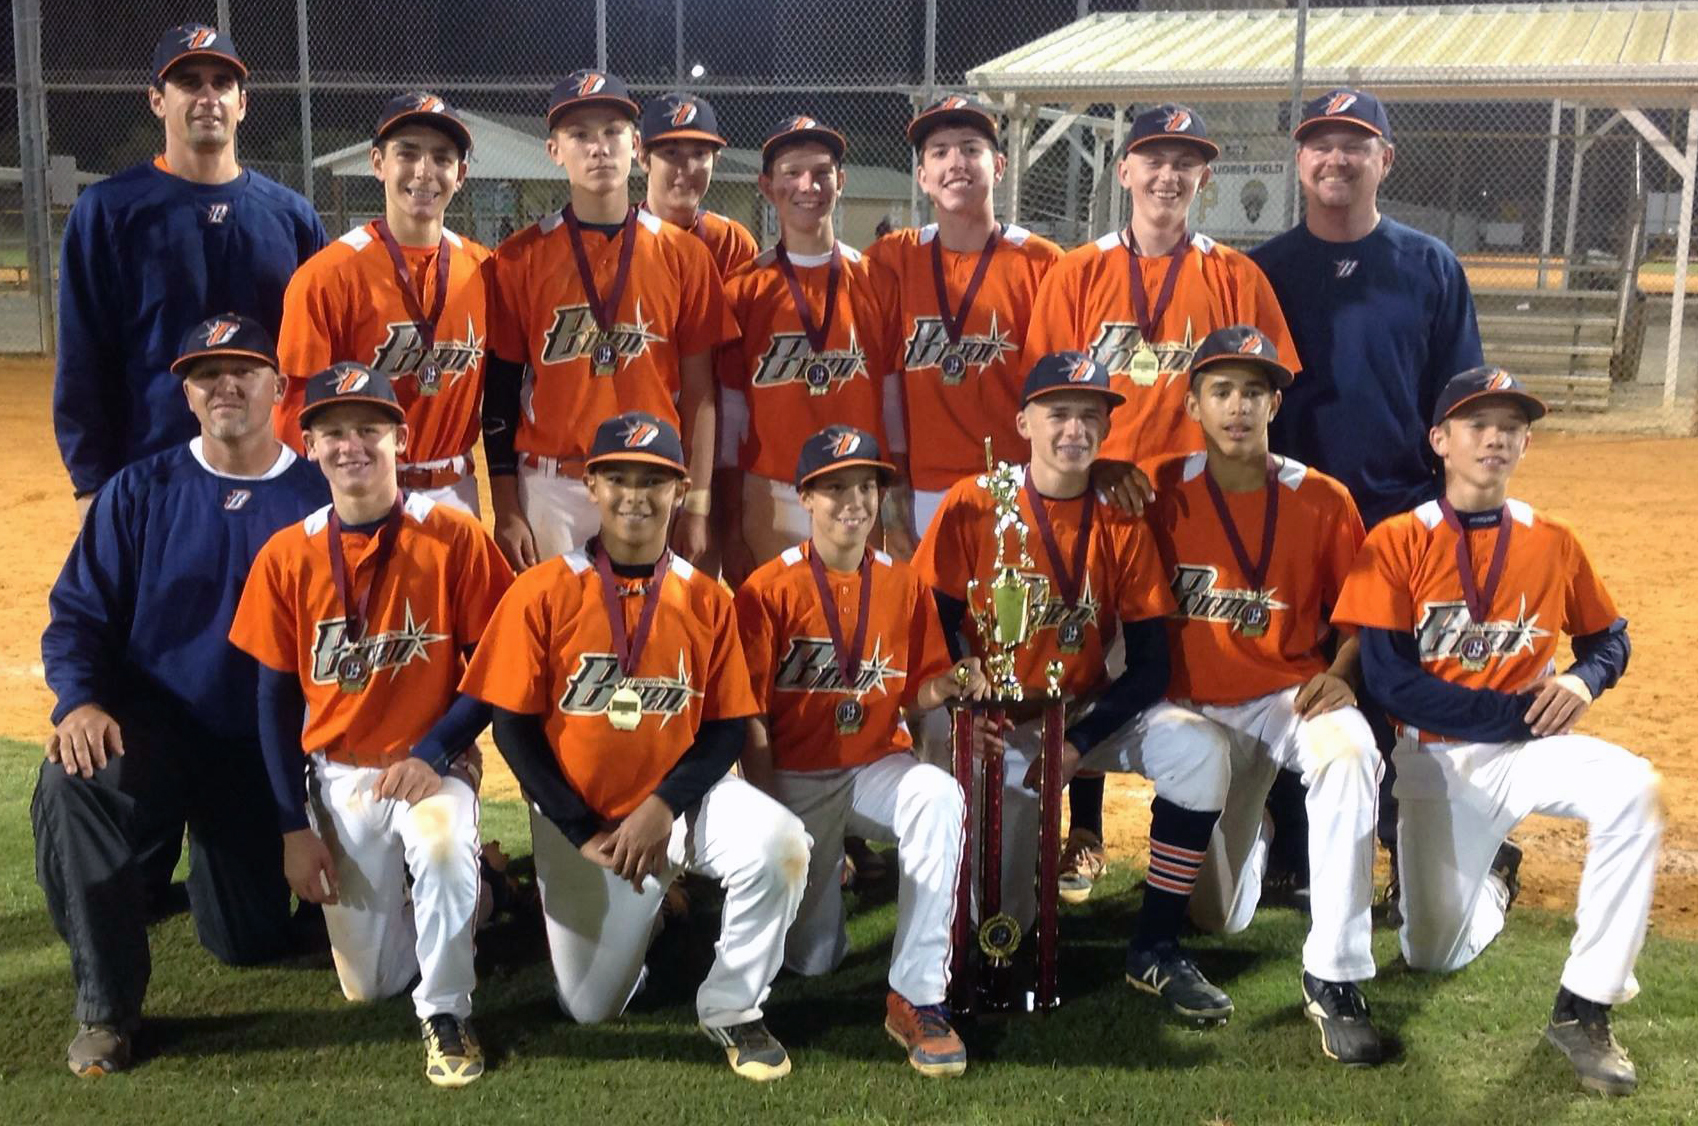 Travel Baseball | 11U - 13U - 14U Florida Burn Baseball